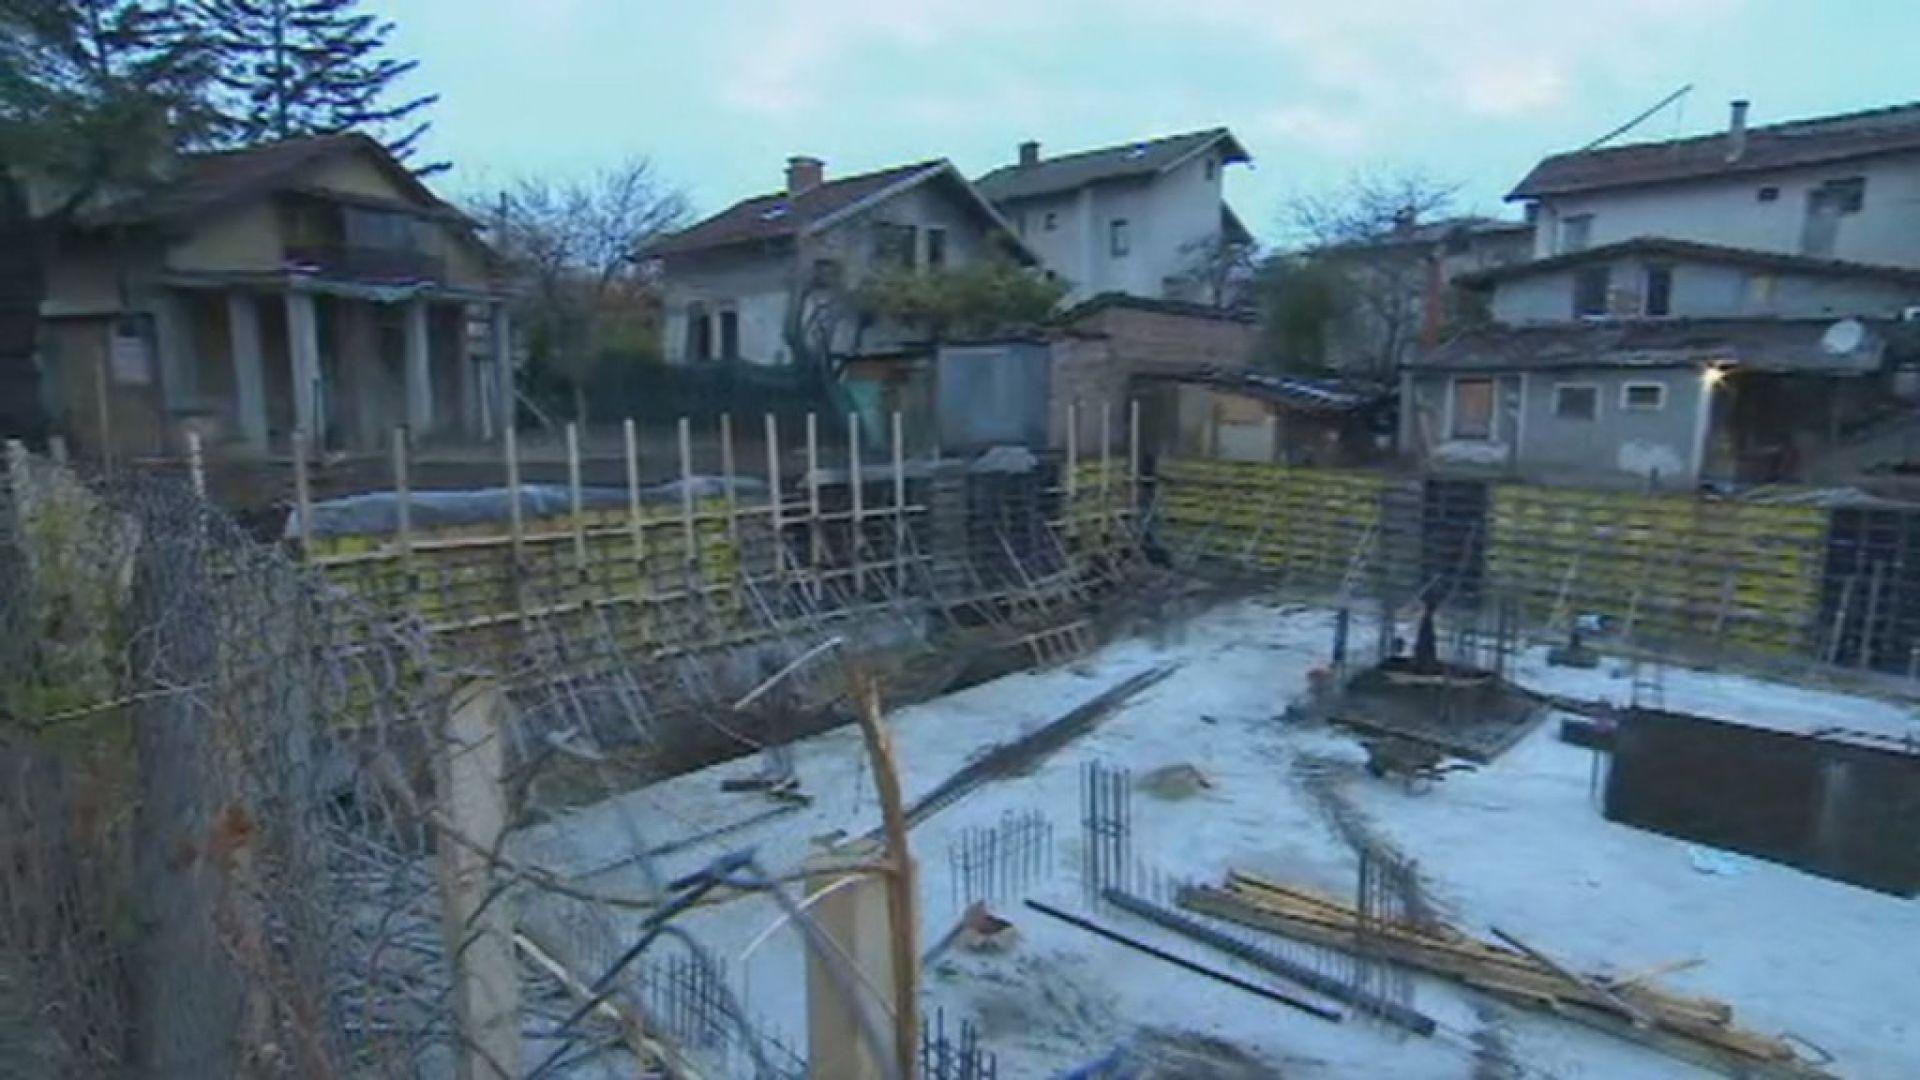 Къщи поддават заради строеж в столичен квартал